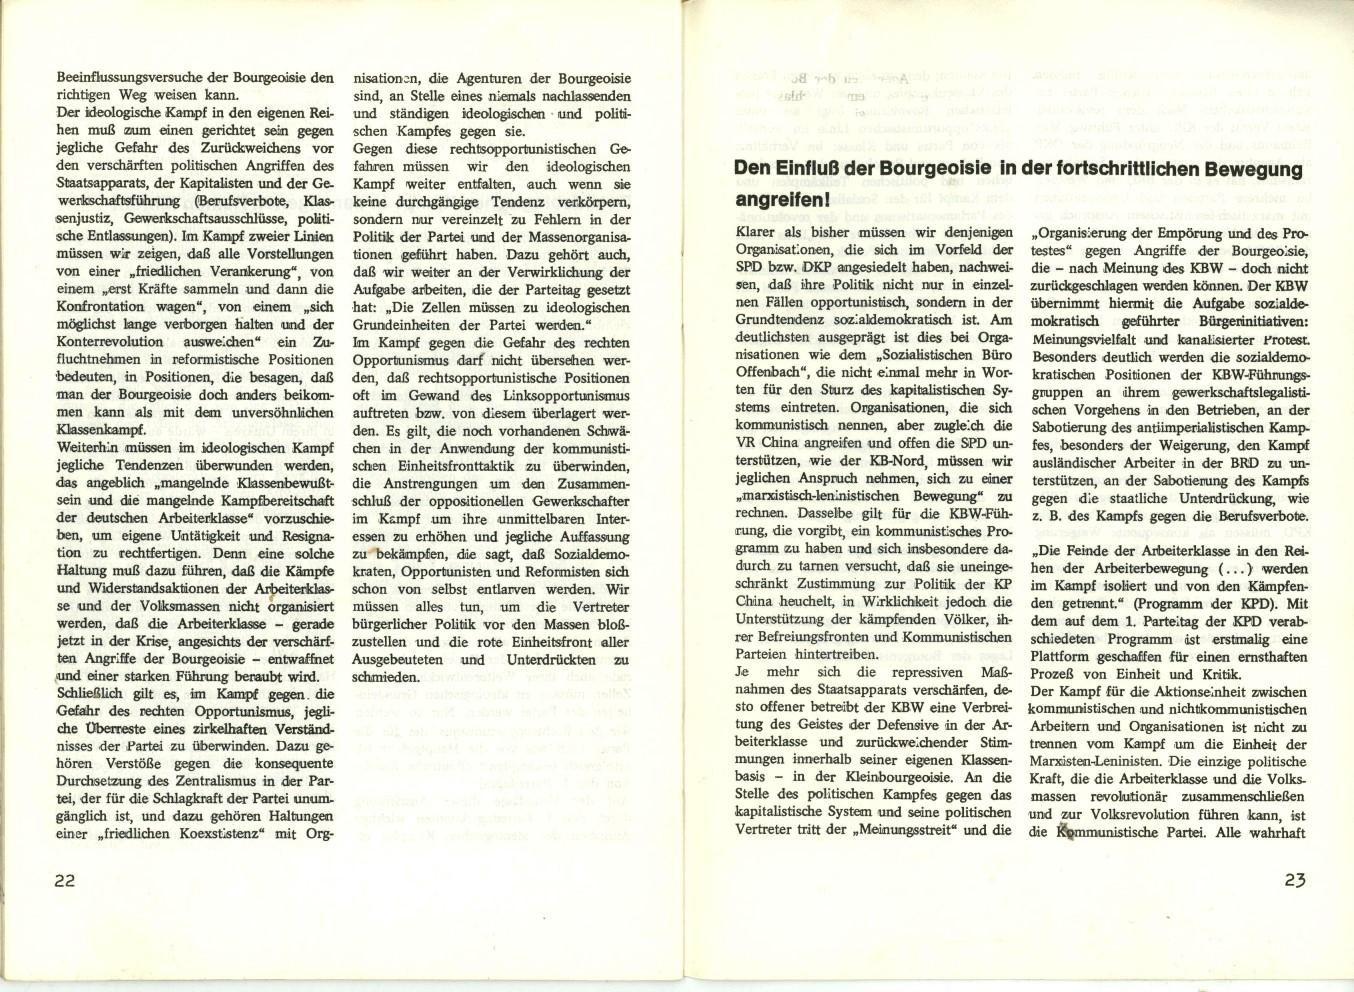 KPD_Entschliessungen_19750200_13